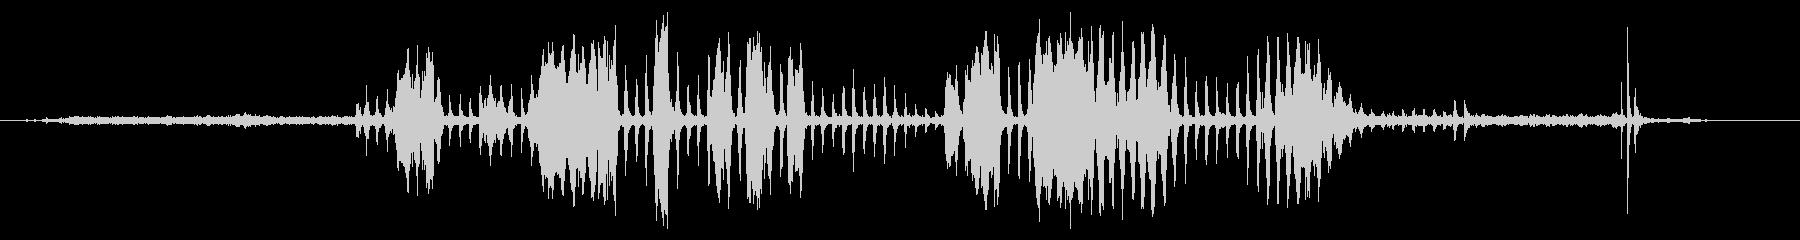 電気キーカッター:スタート、カット...の未再生の波形